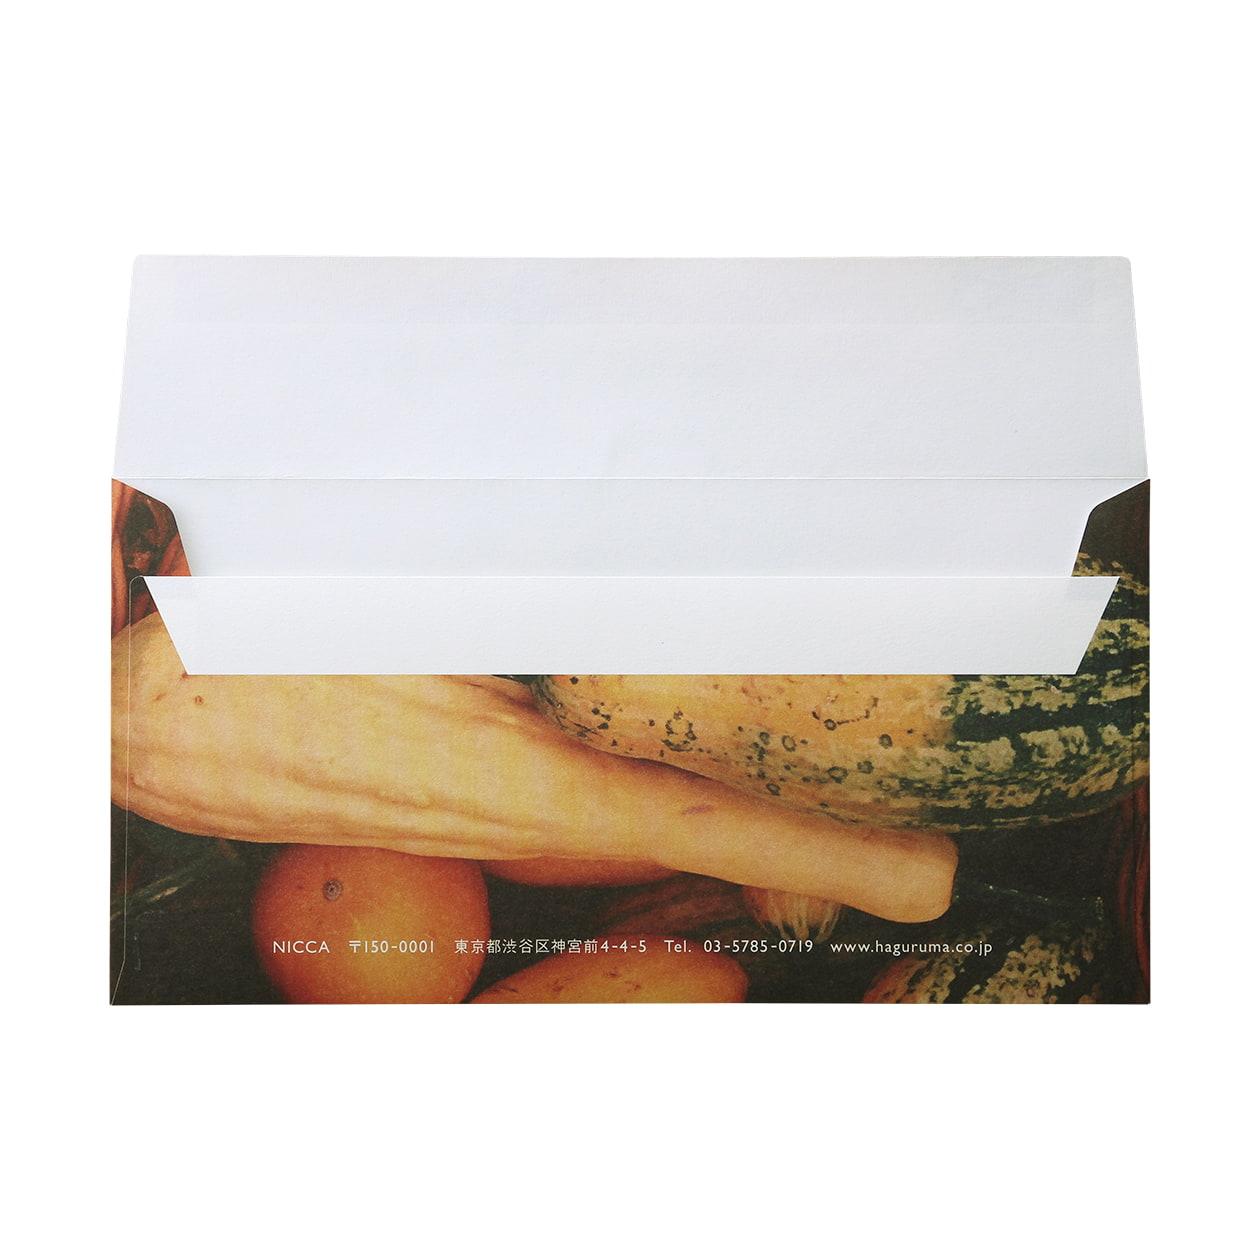 サンプル 封筒・袋 00126